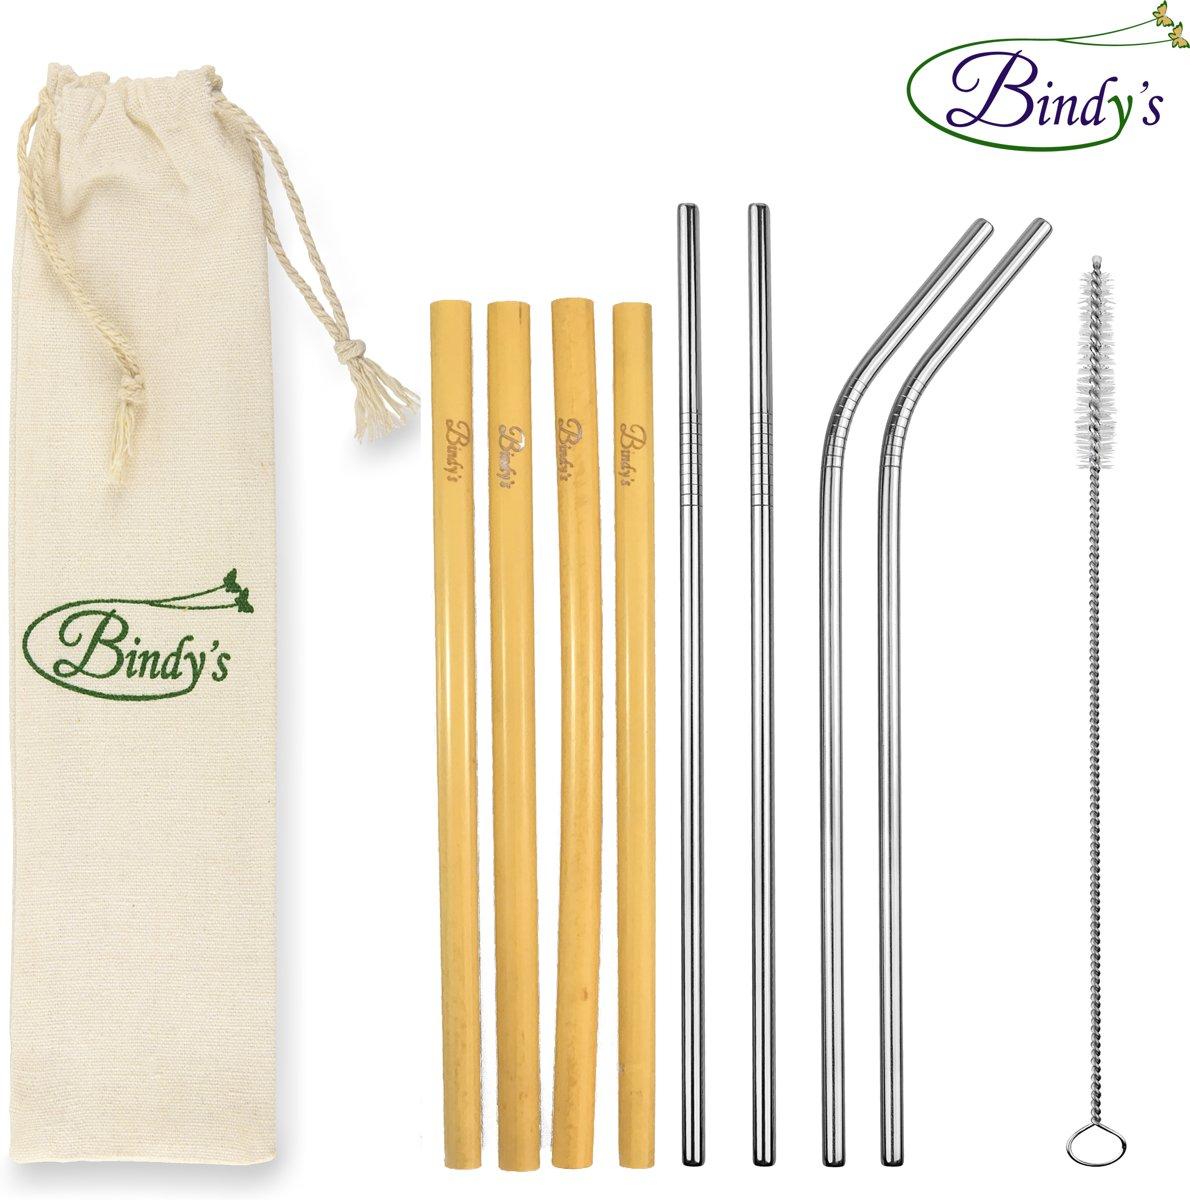 Bindy's - 10-Delige Set Herbruikbare Rietjes Mix - Duurzaam Geschenk Idee - 4 RVS Rietjes - 4 Bamboe Rietjes - Incl. Schoonmaakborsteltje En Linnen Bewaarzakje - Milieuvriendelijk en Stijlvol